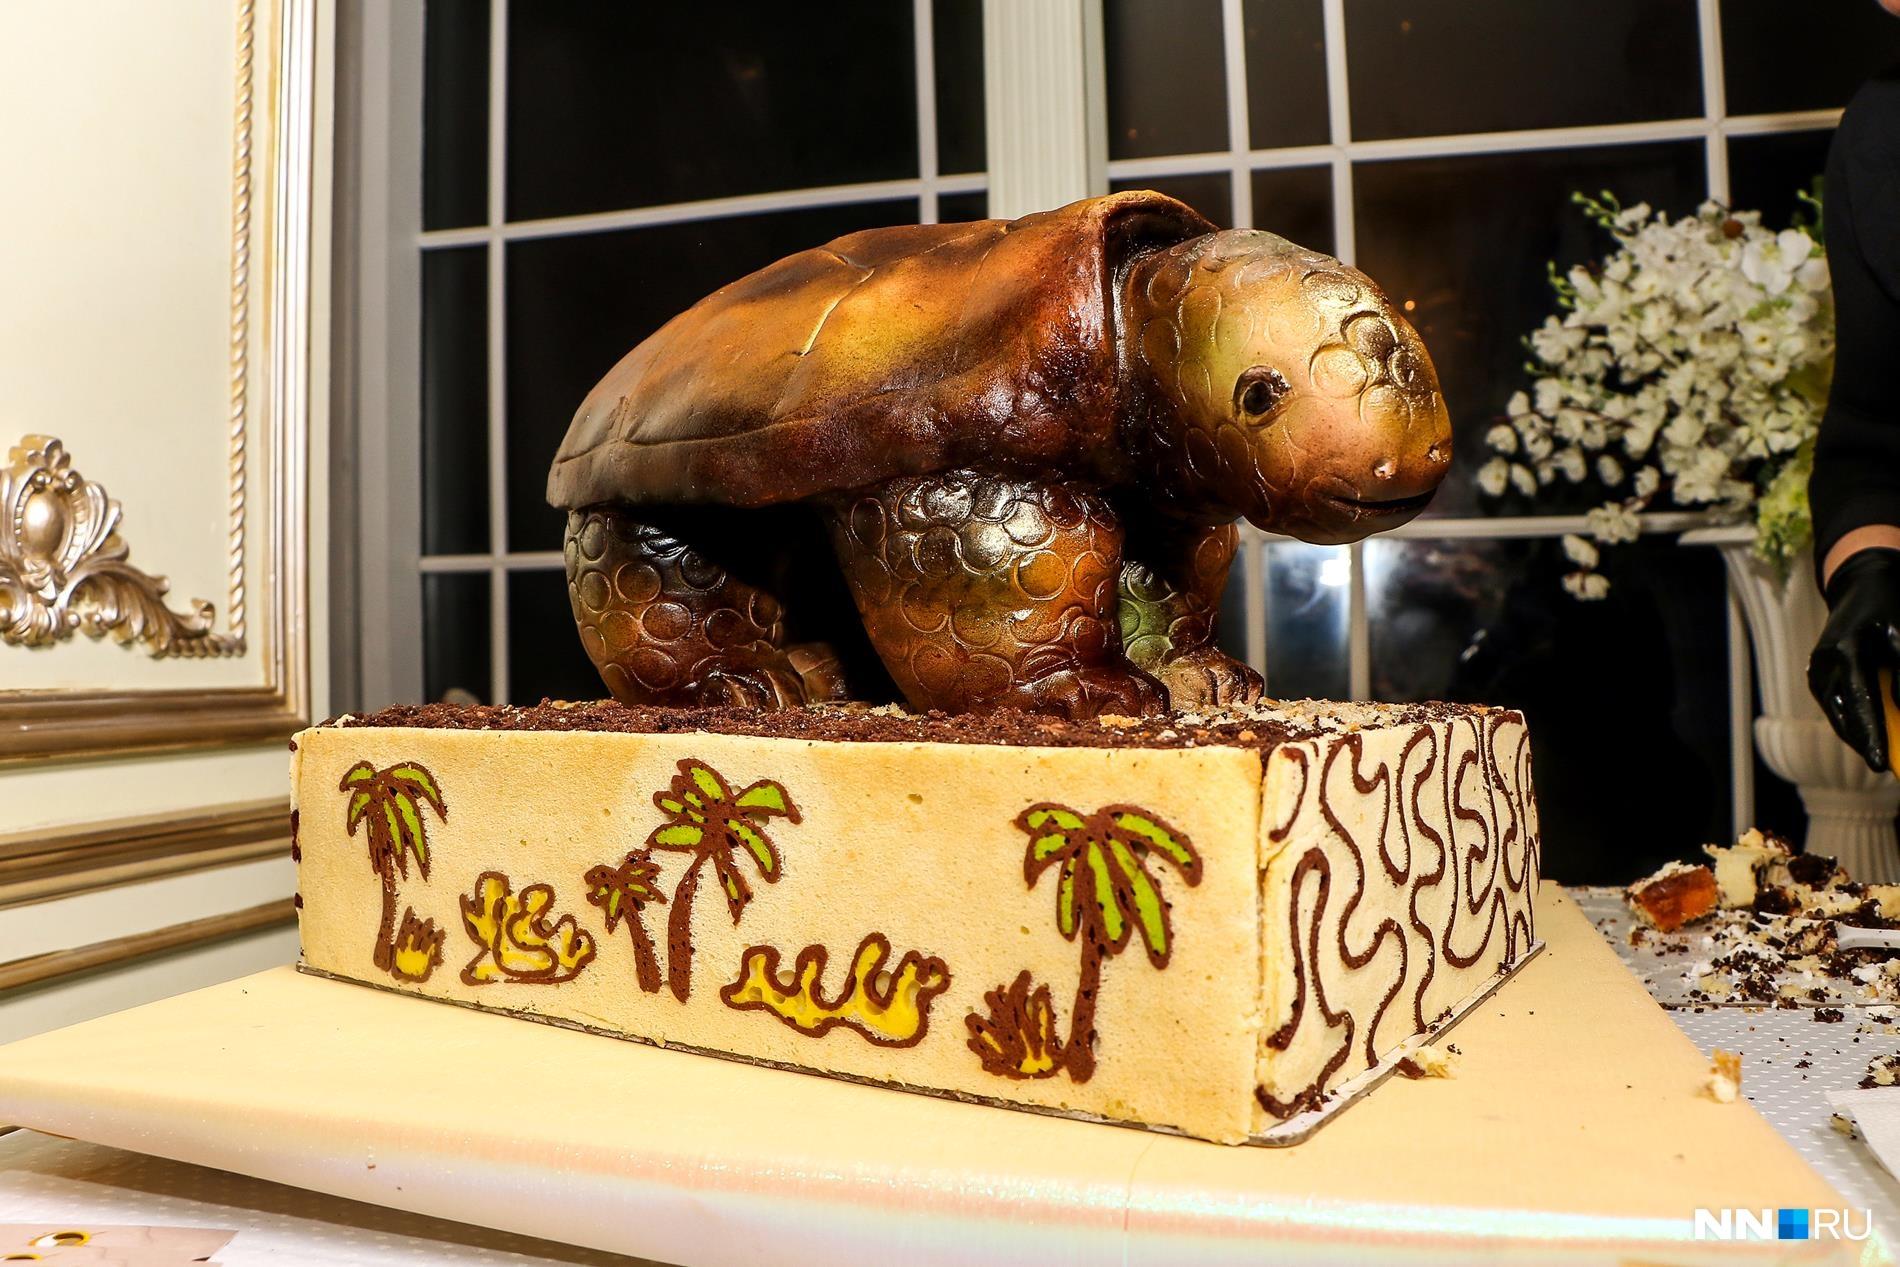 Эта черепаха из мастики похожа на скульптуру